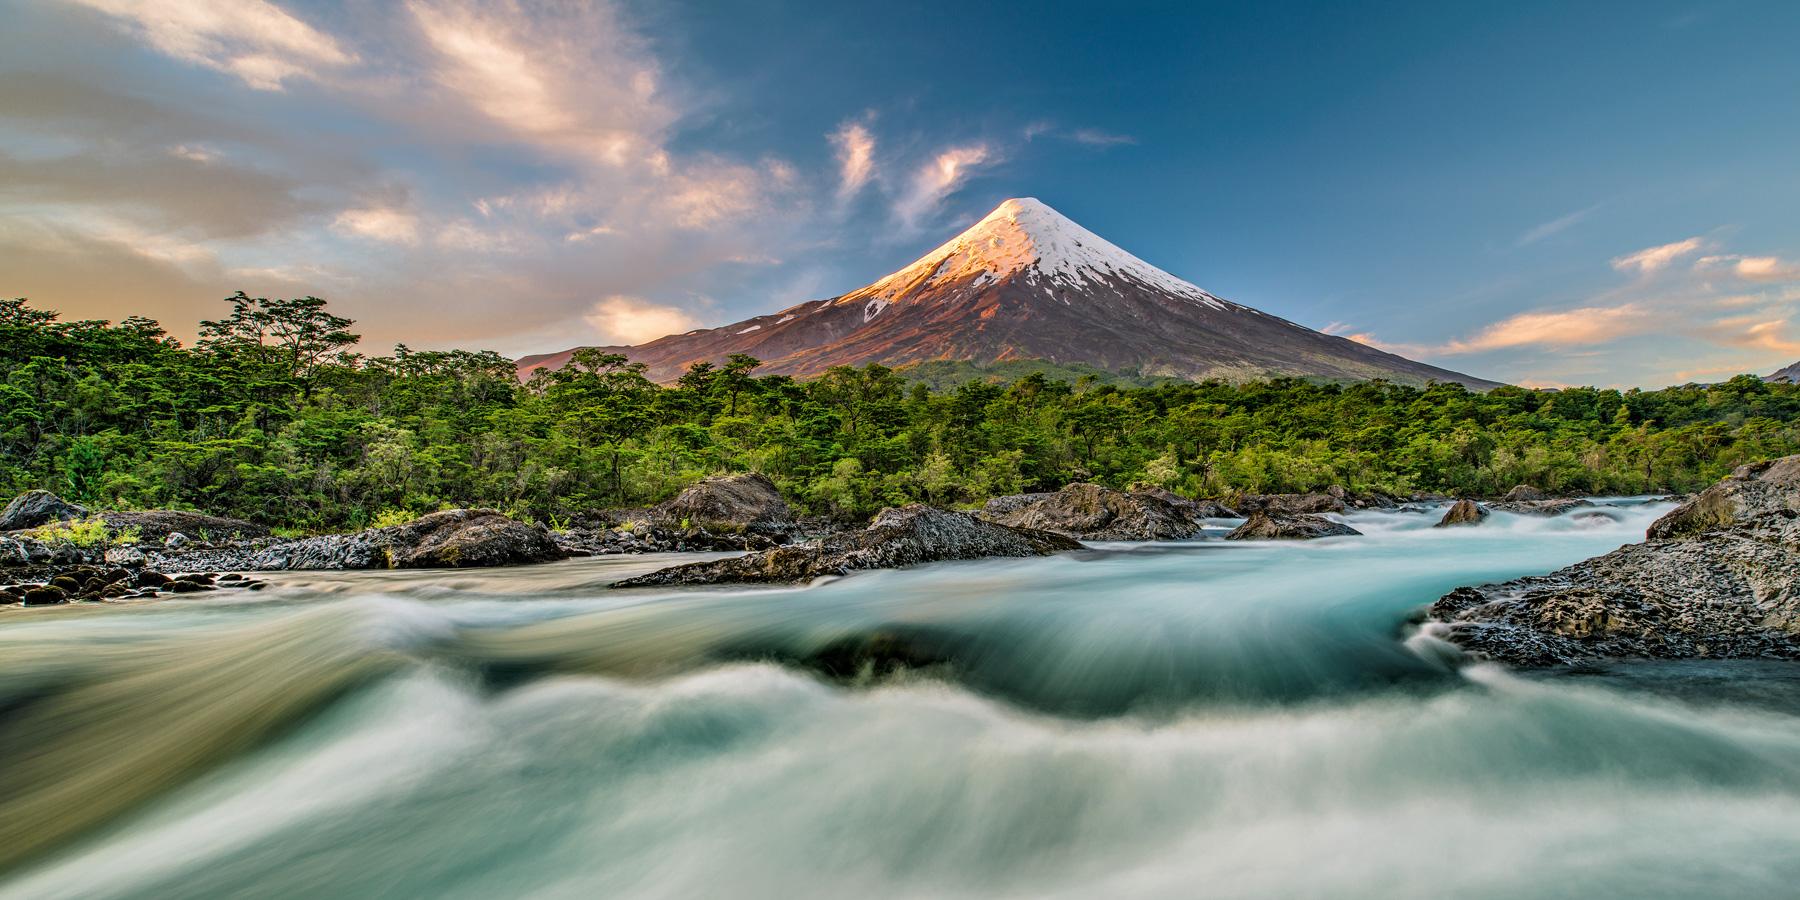 """Der nahezu perfekt konische Vulkan Osorno im Vicente Pérez Rosales-Nationalpark zusammen mit den Stromschnellen  """"Saltos del Petrohué"""", die sich durch eine beeindruckende Basaltlandschaft ergießen."""